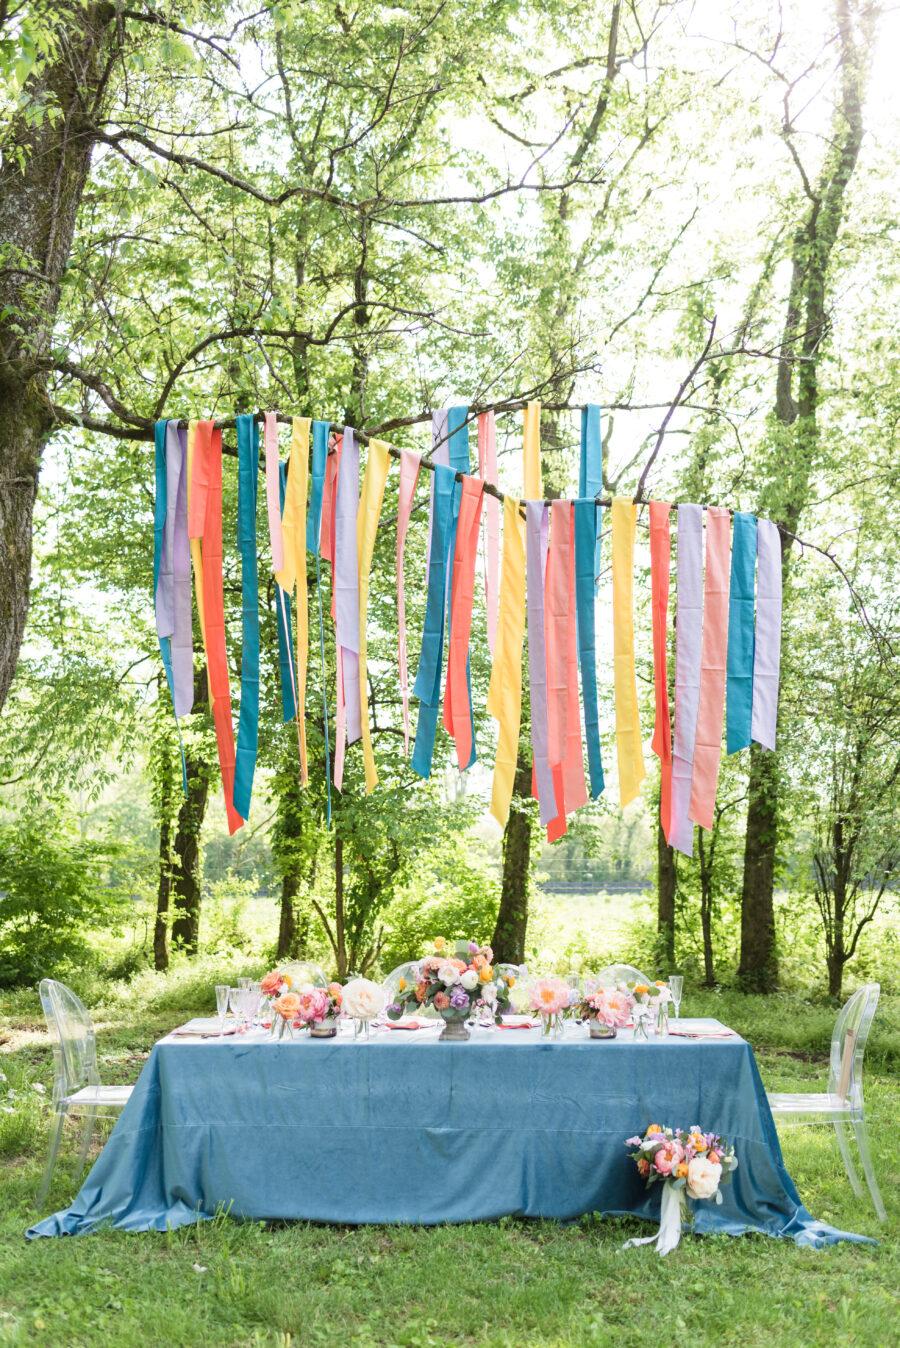 Colorful backyard wedding table decor